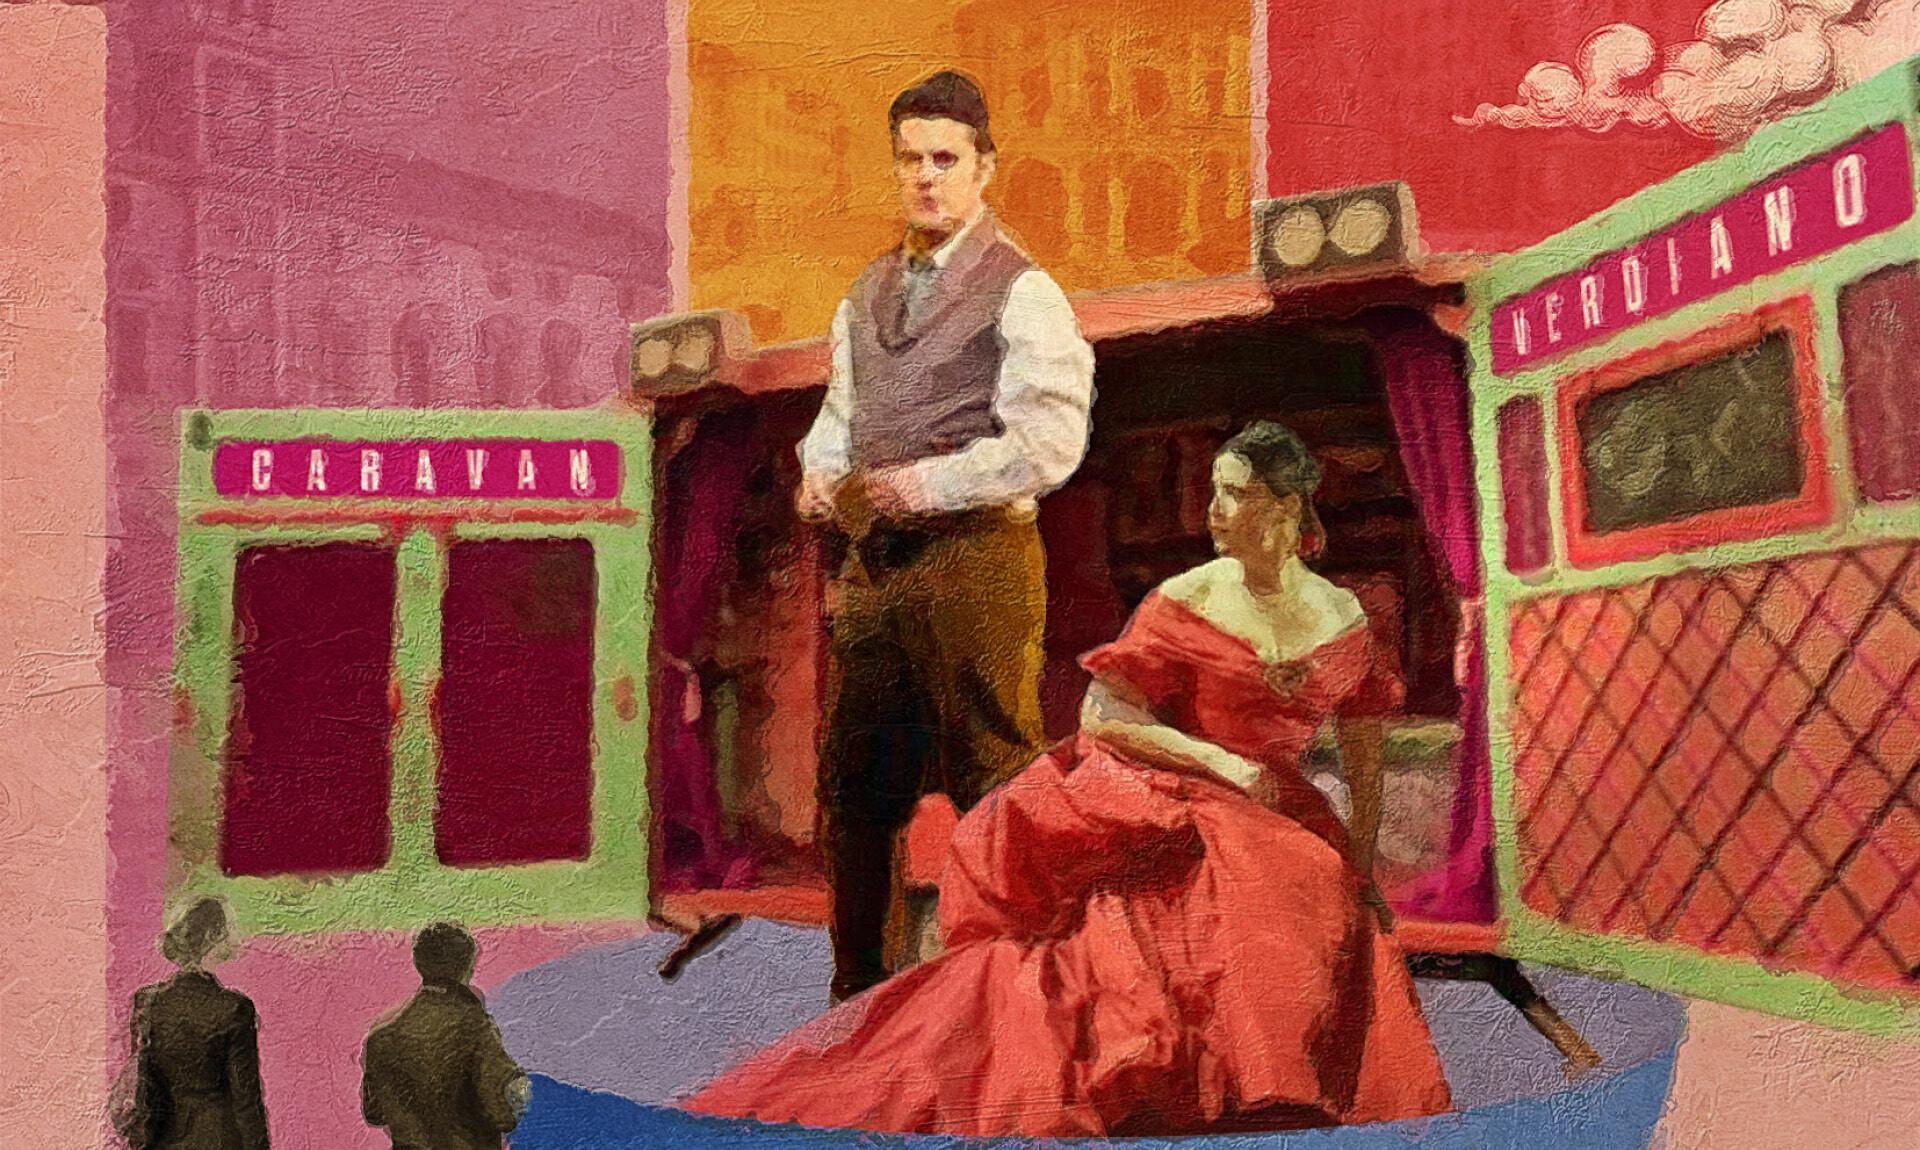 Verdi Off:  Caravan VerdianoLa Traviata  Lo spirito di Violetta  in piazzale Picelli